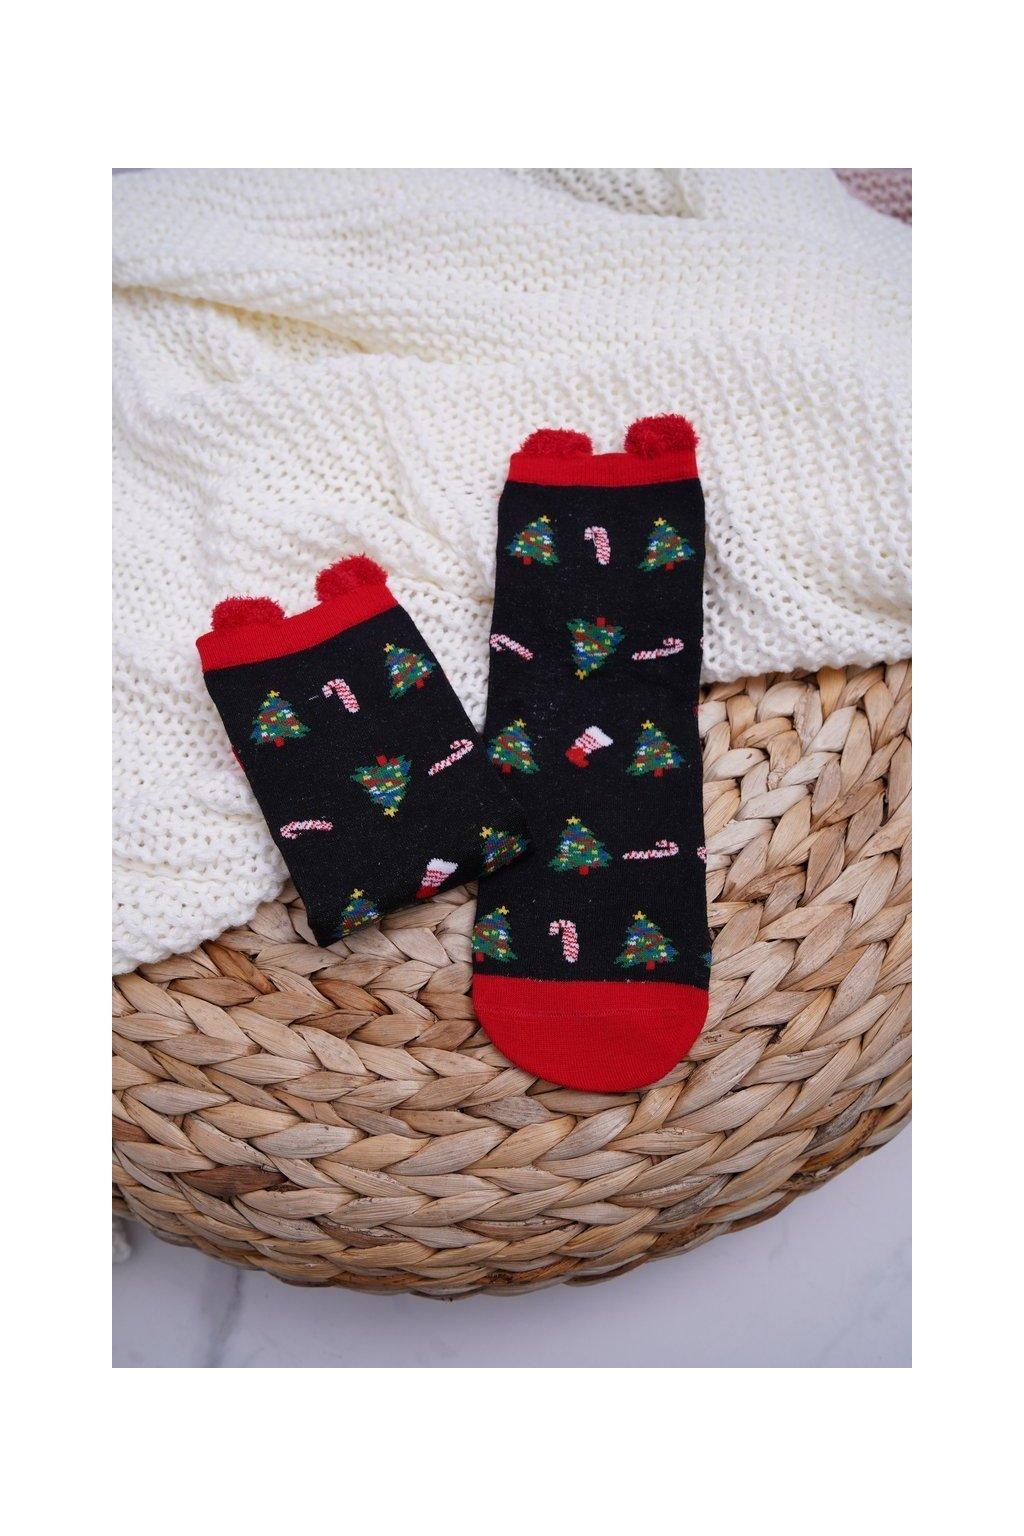 Dámske ponožky vianočné čierne s ušami Strom